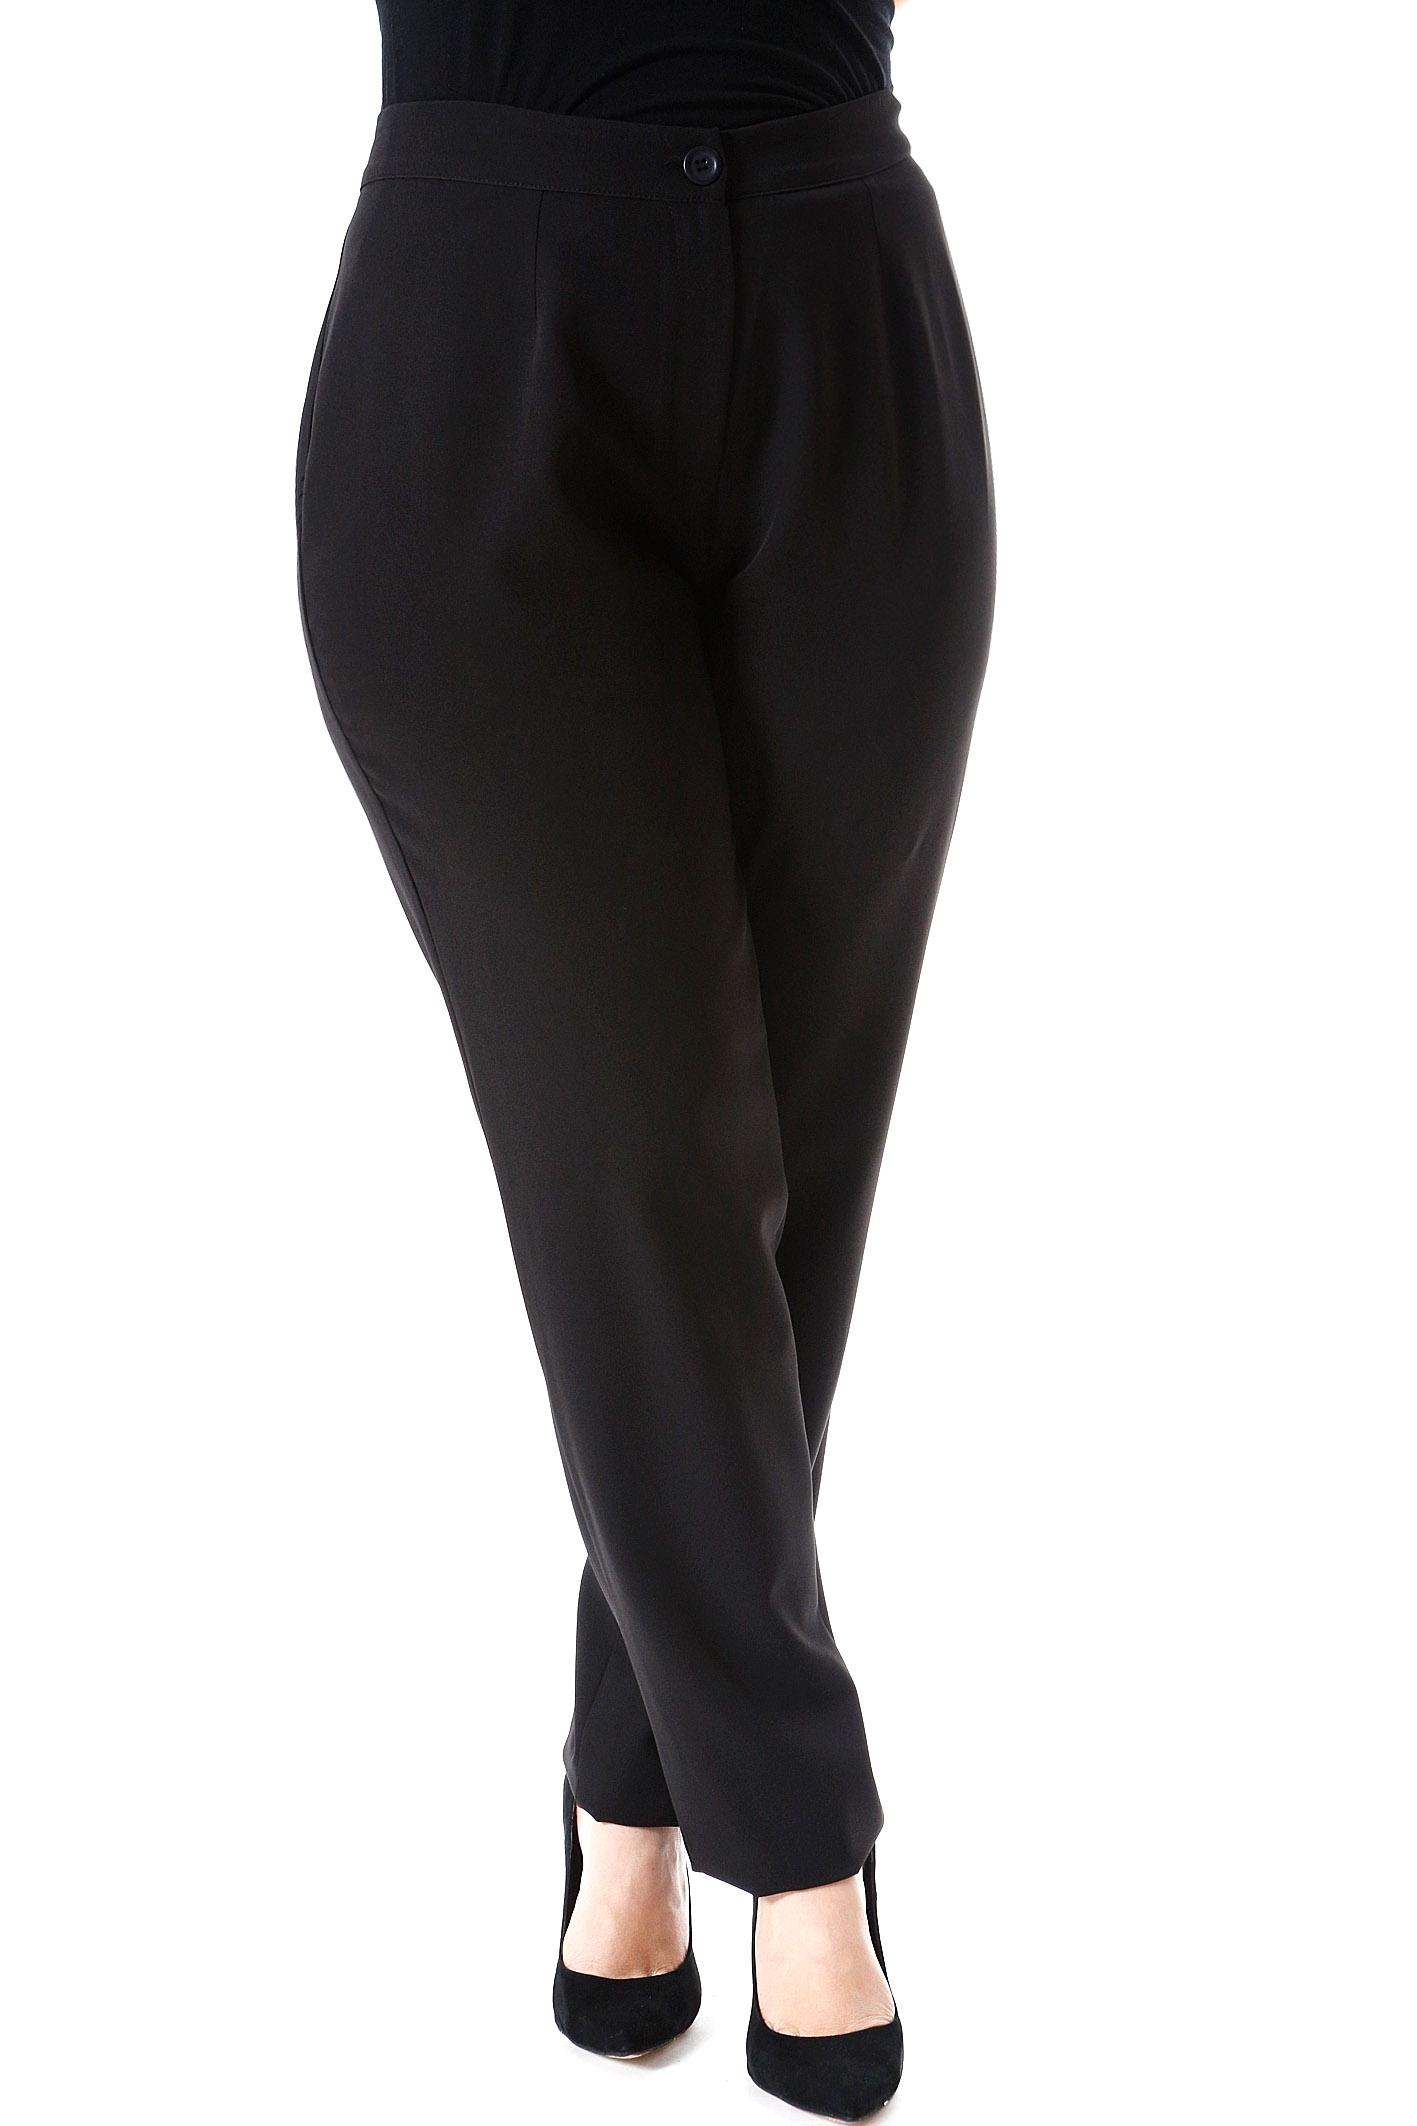 Παντελόνι με πιέτες μαύρο νέες αφίξεις   ενδύματα   παντελόνια   κολάν